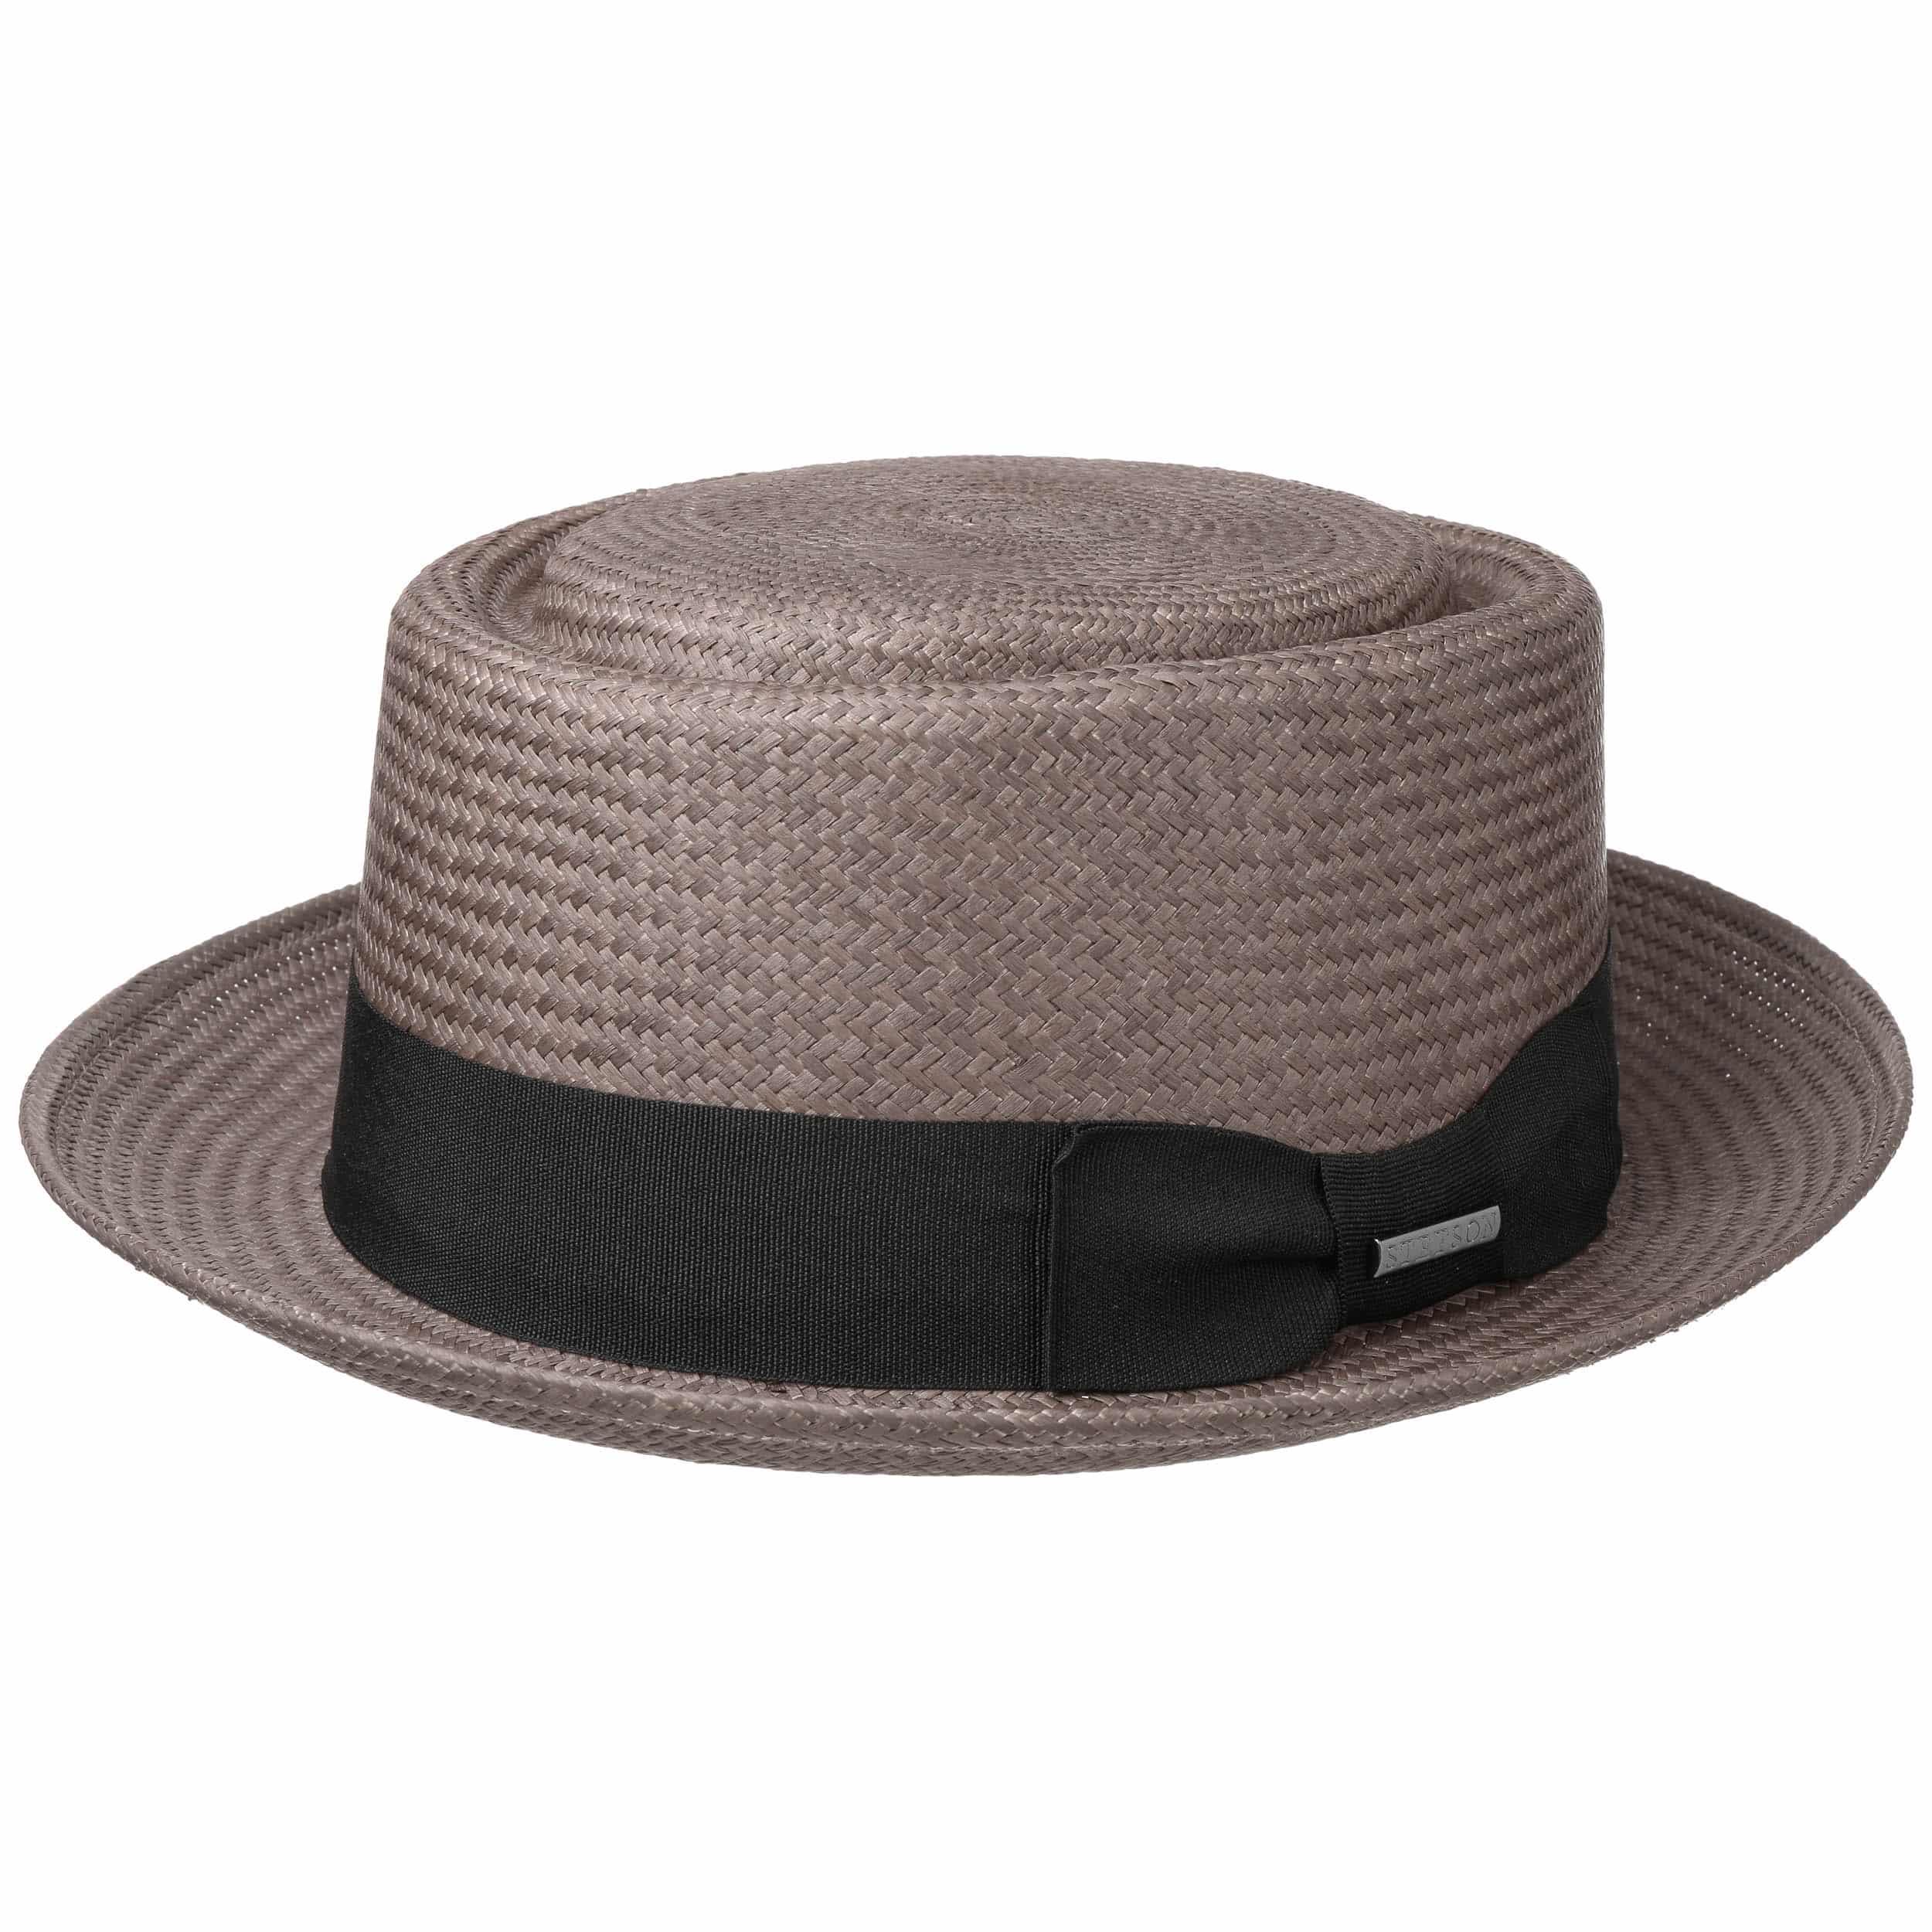 chapeau panama classic pork pie by stetson eur 149 00 chapeaux casquettes et bonnets en. Black Bedroom Furniture Sets. Home Design Ideas